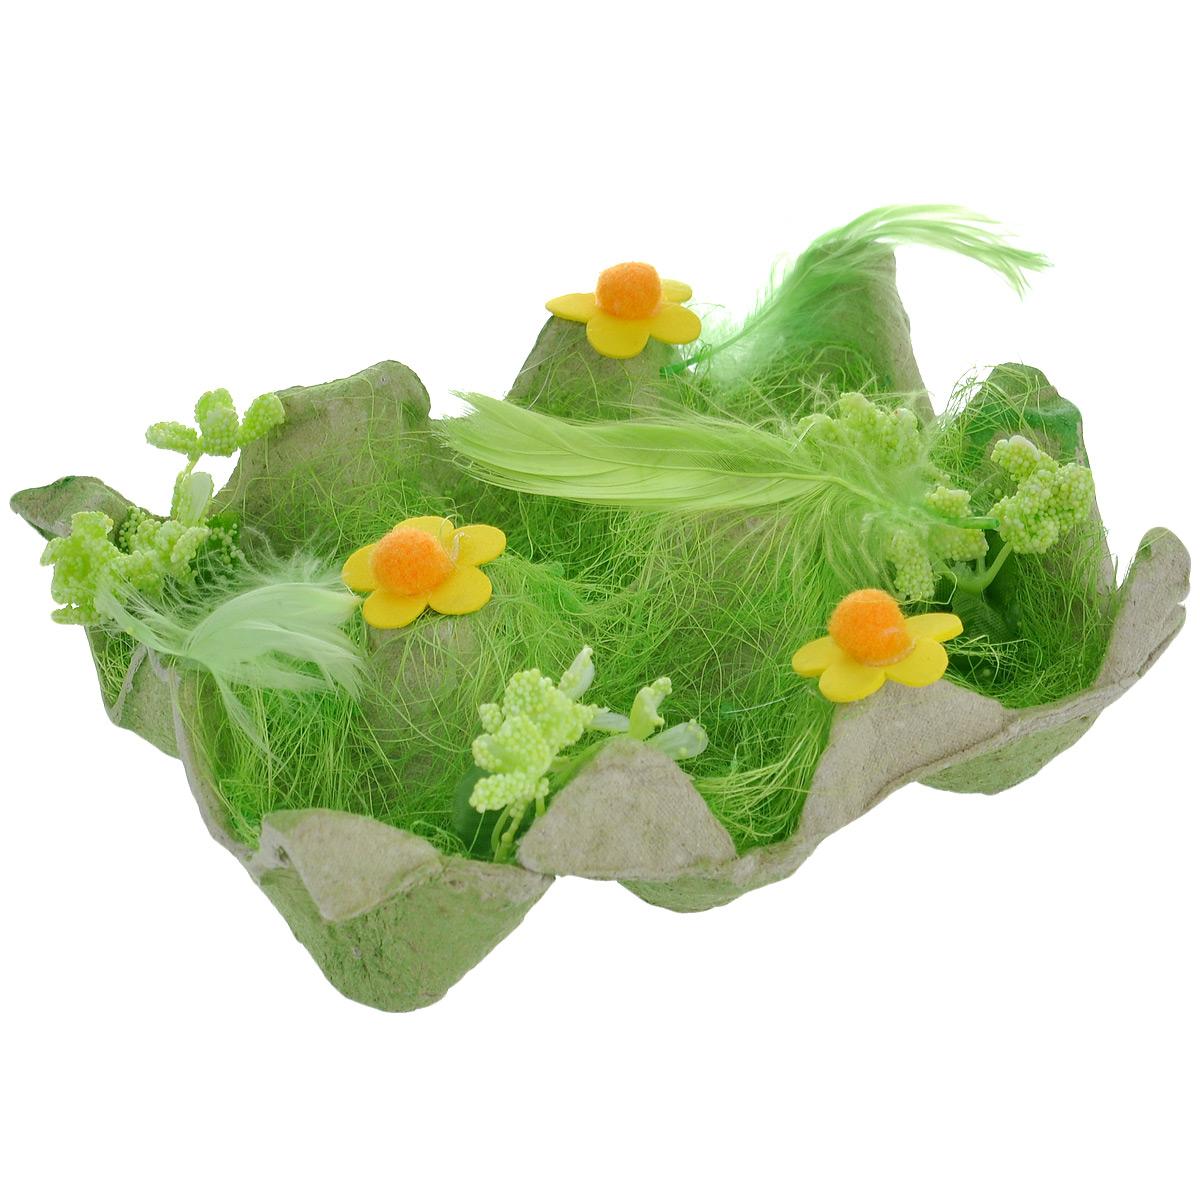 Подставка декоративная Home Queen Полянка, для 6 яиц, цвет: зеленый, 14 см х 9 см х 4 см023340-660Декоративная подставка для яиц Home Queen Полянка изготовлена из плотного картона, оформлена сизалем, декорирована пером и цветочками. Изделие имеет 6 выемок для хранения яиц. Идеальный вариант для Пасхи. Такая подставка красиво оформит праздничный стол и создаст особое настроение.